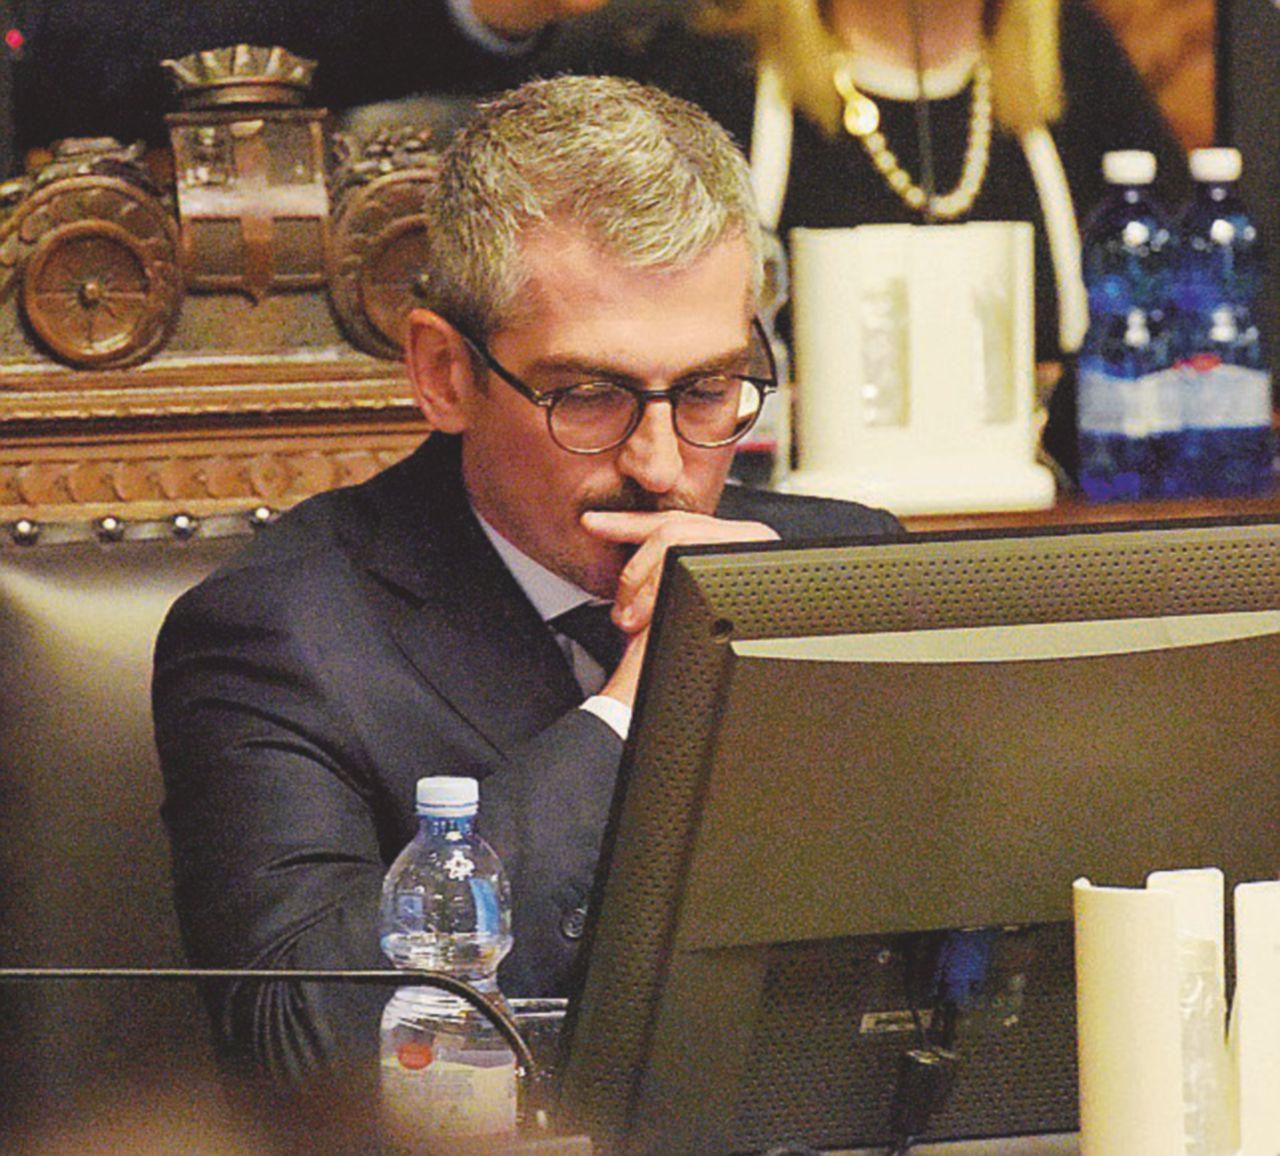 Pizzini e cultura, Palazzi indagato: abuso d'ufficio